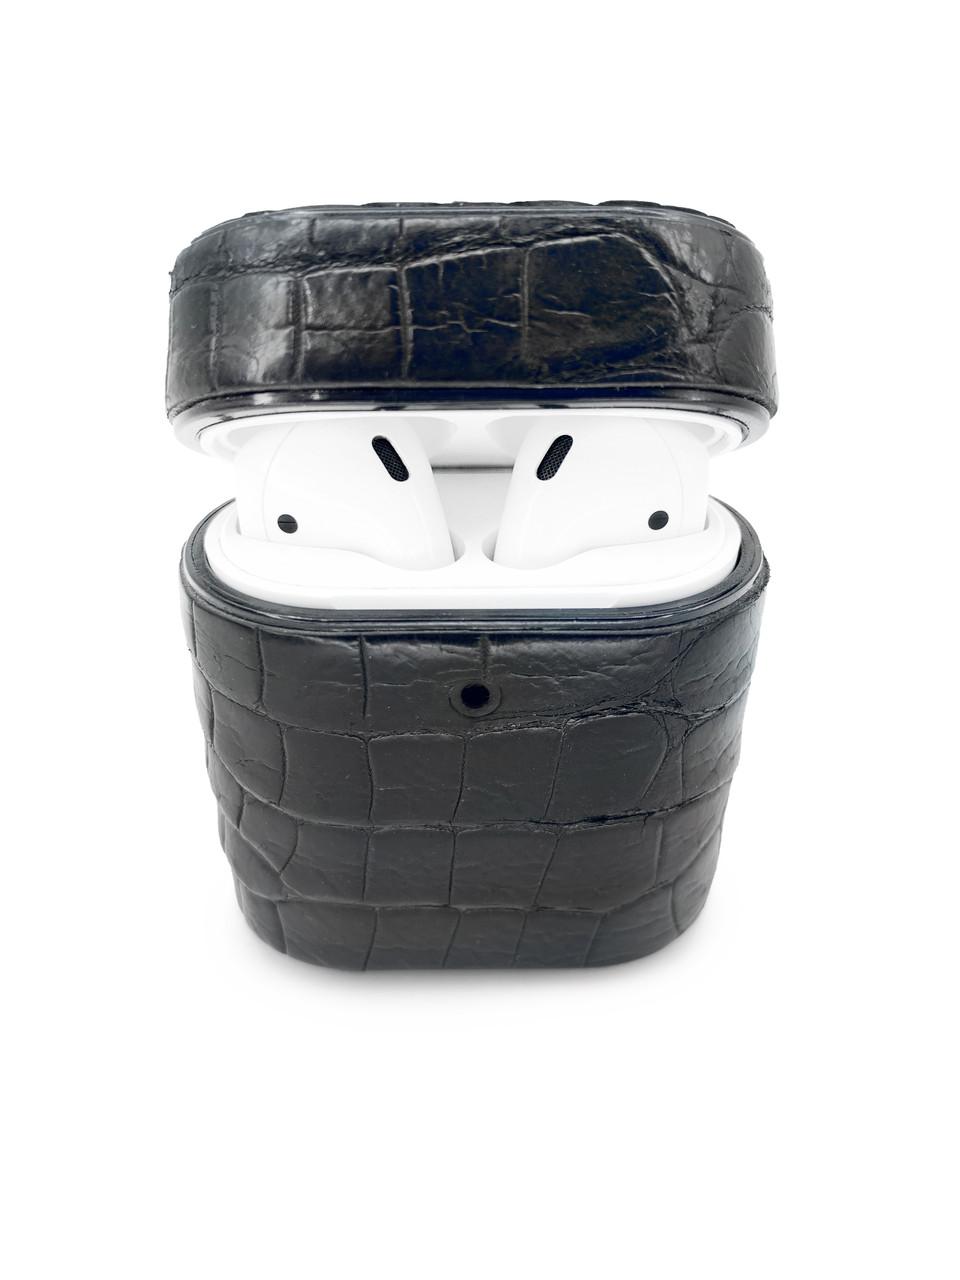 Чехол для AirPods 1/2 чёрного цвета из кожи Крокодила